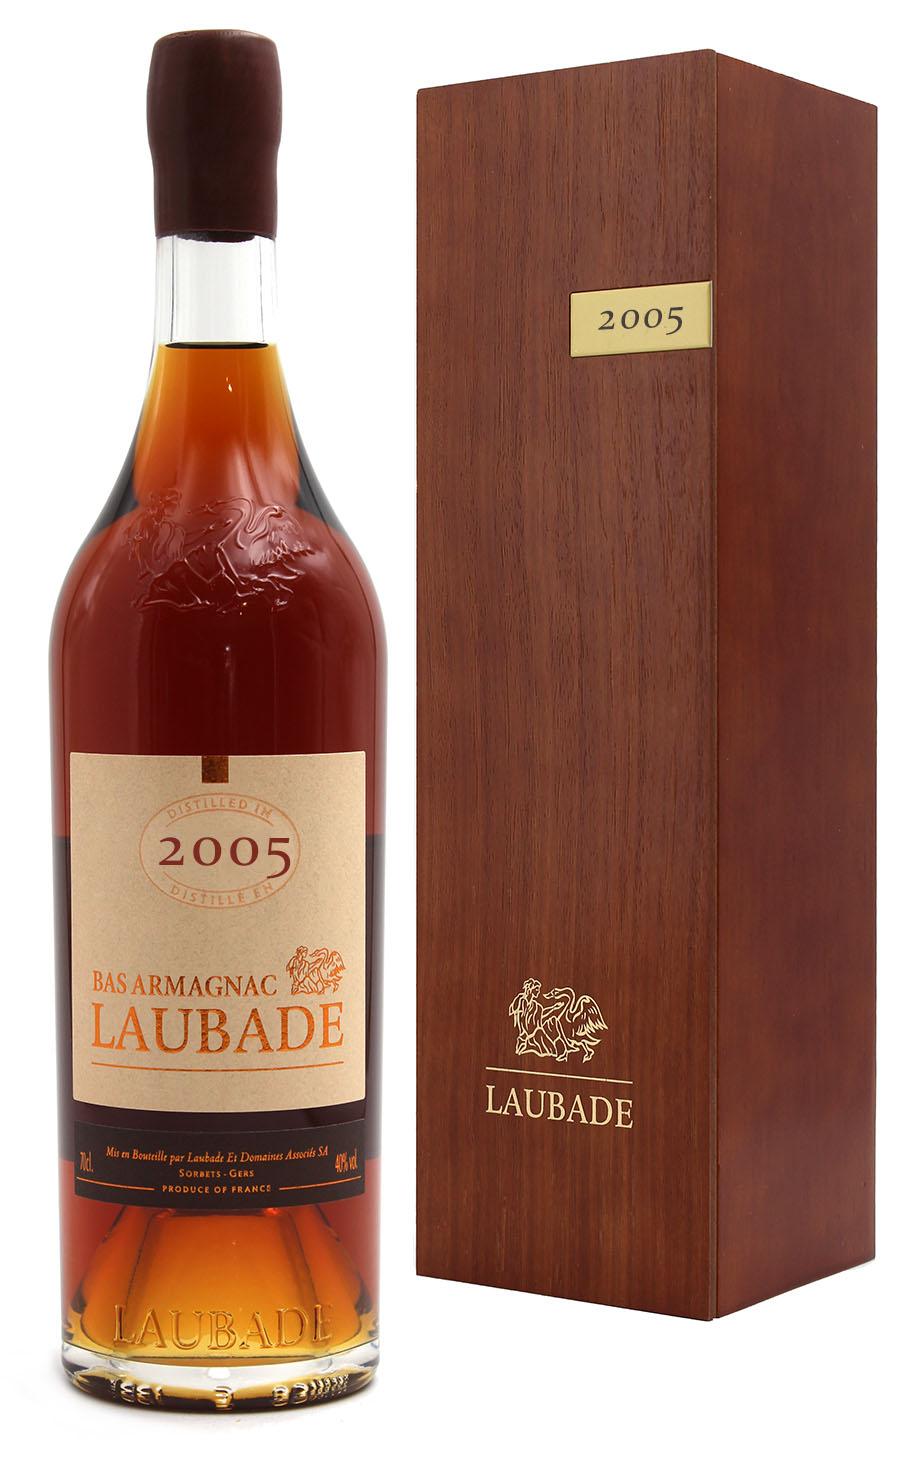 Bas Armagnac Laubade 2005